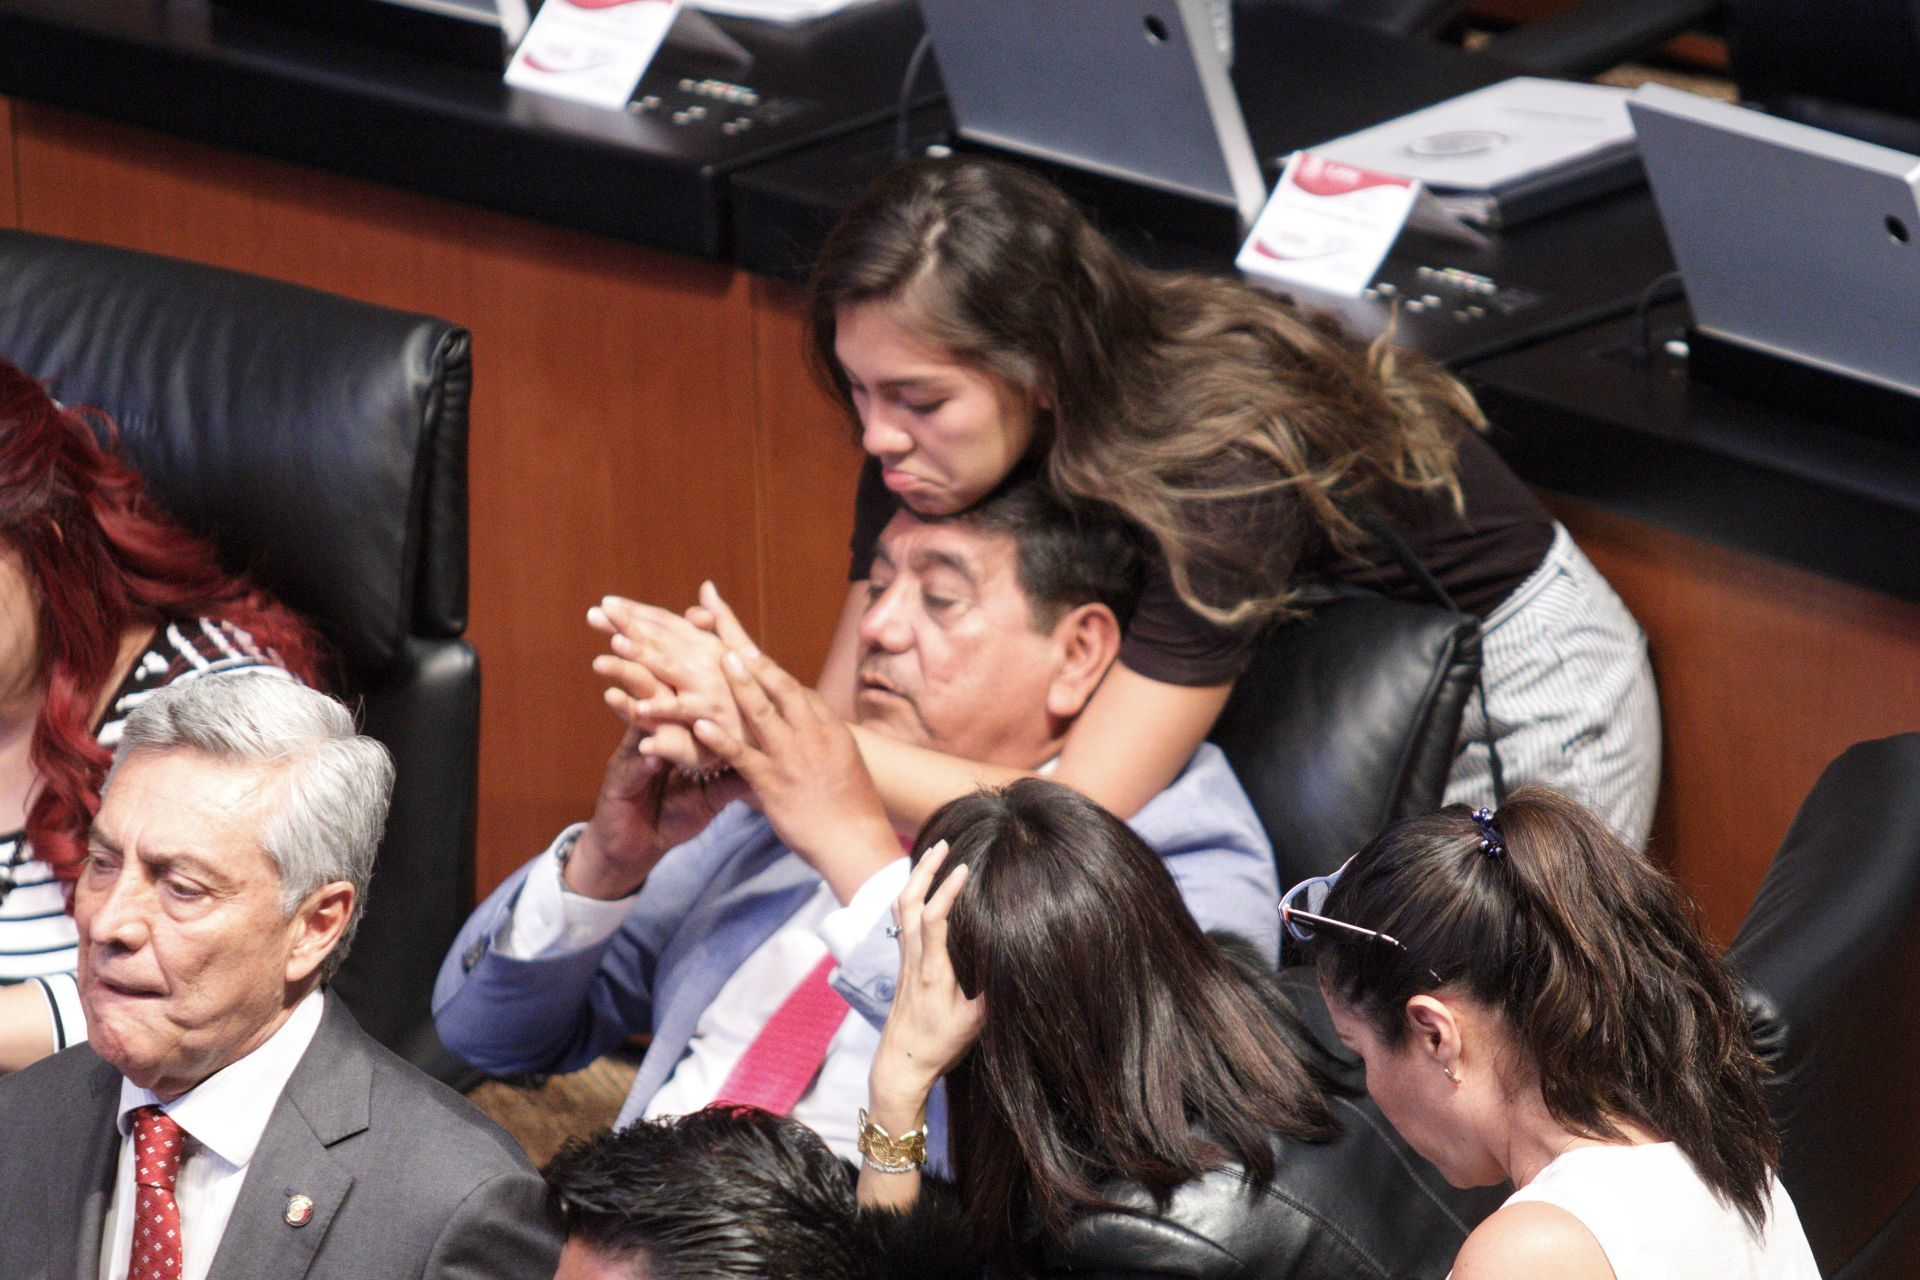 CIUDAD DE MÉXICO, 23ABRIL2019.- El senador Félix Salgado Macedonio y su hija, durante la sesión ordinaria en el Senado de la República.